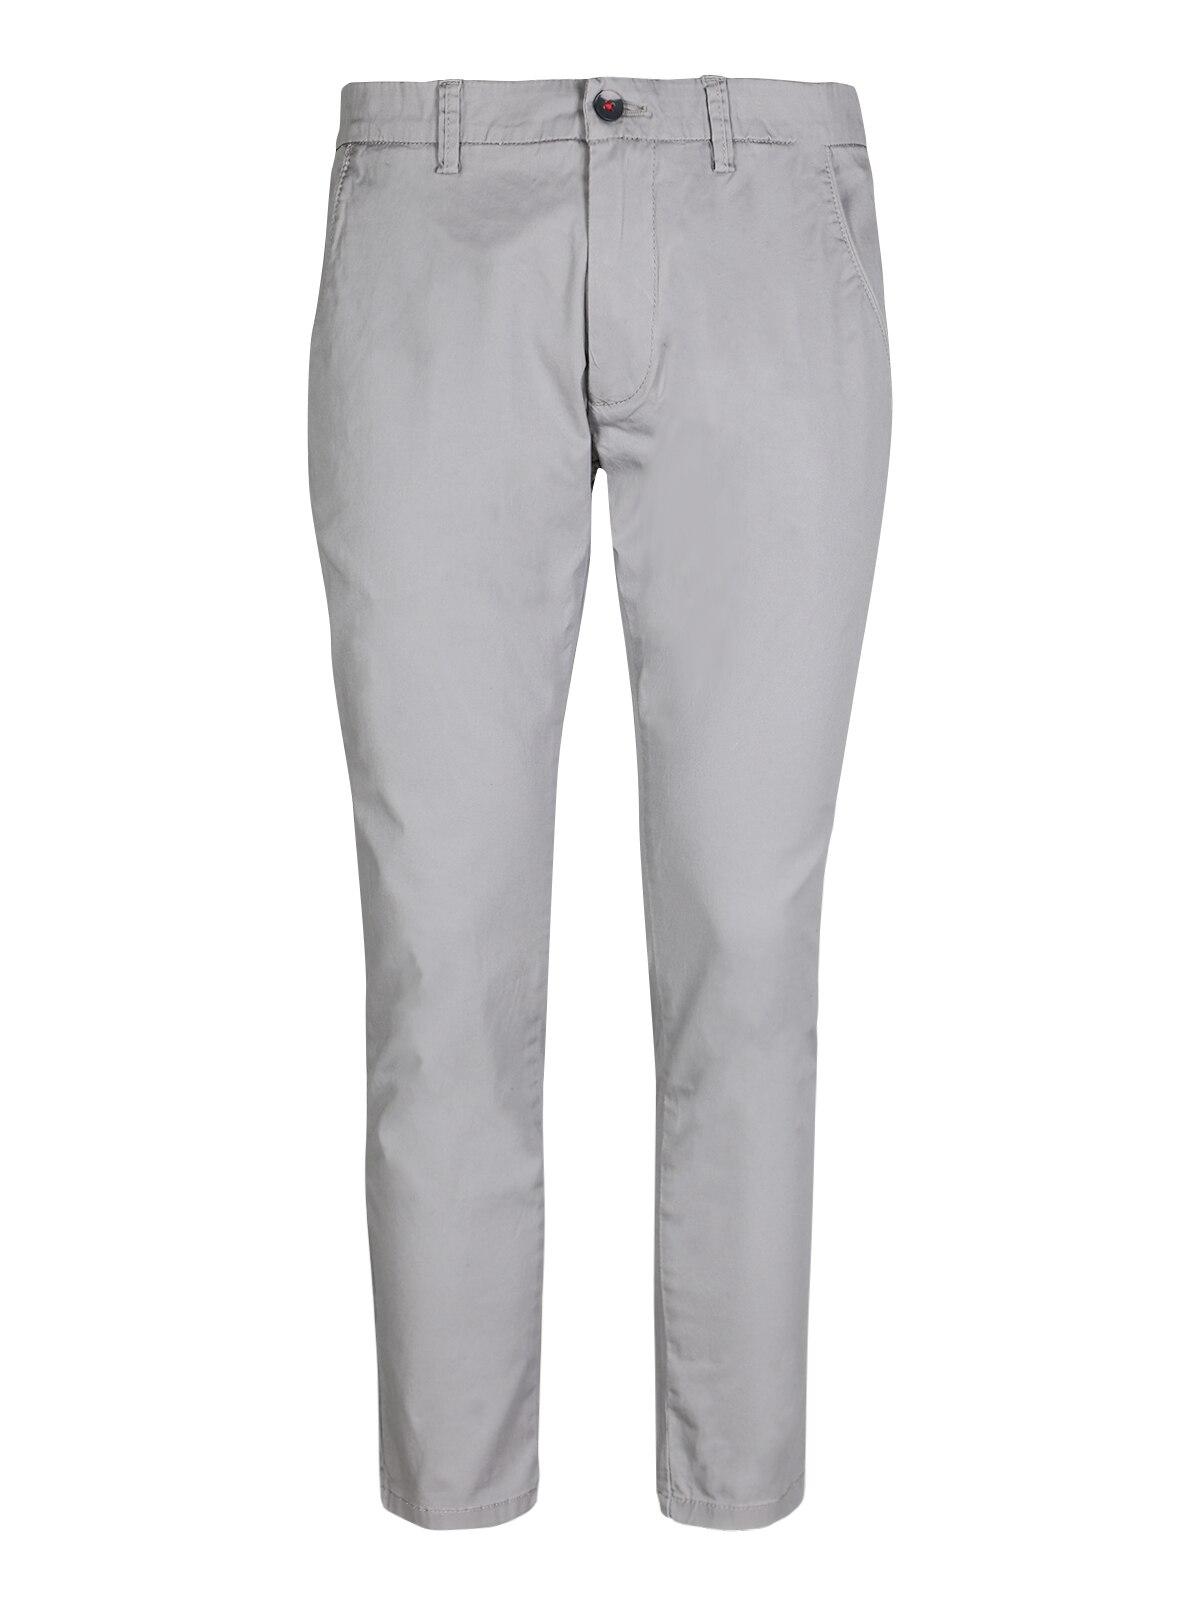 Pants Cotton Men-pattern Capri